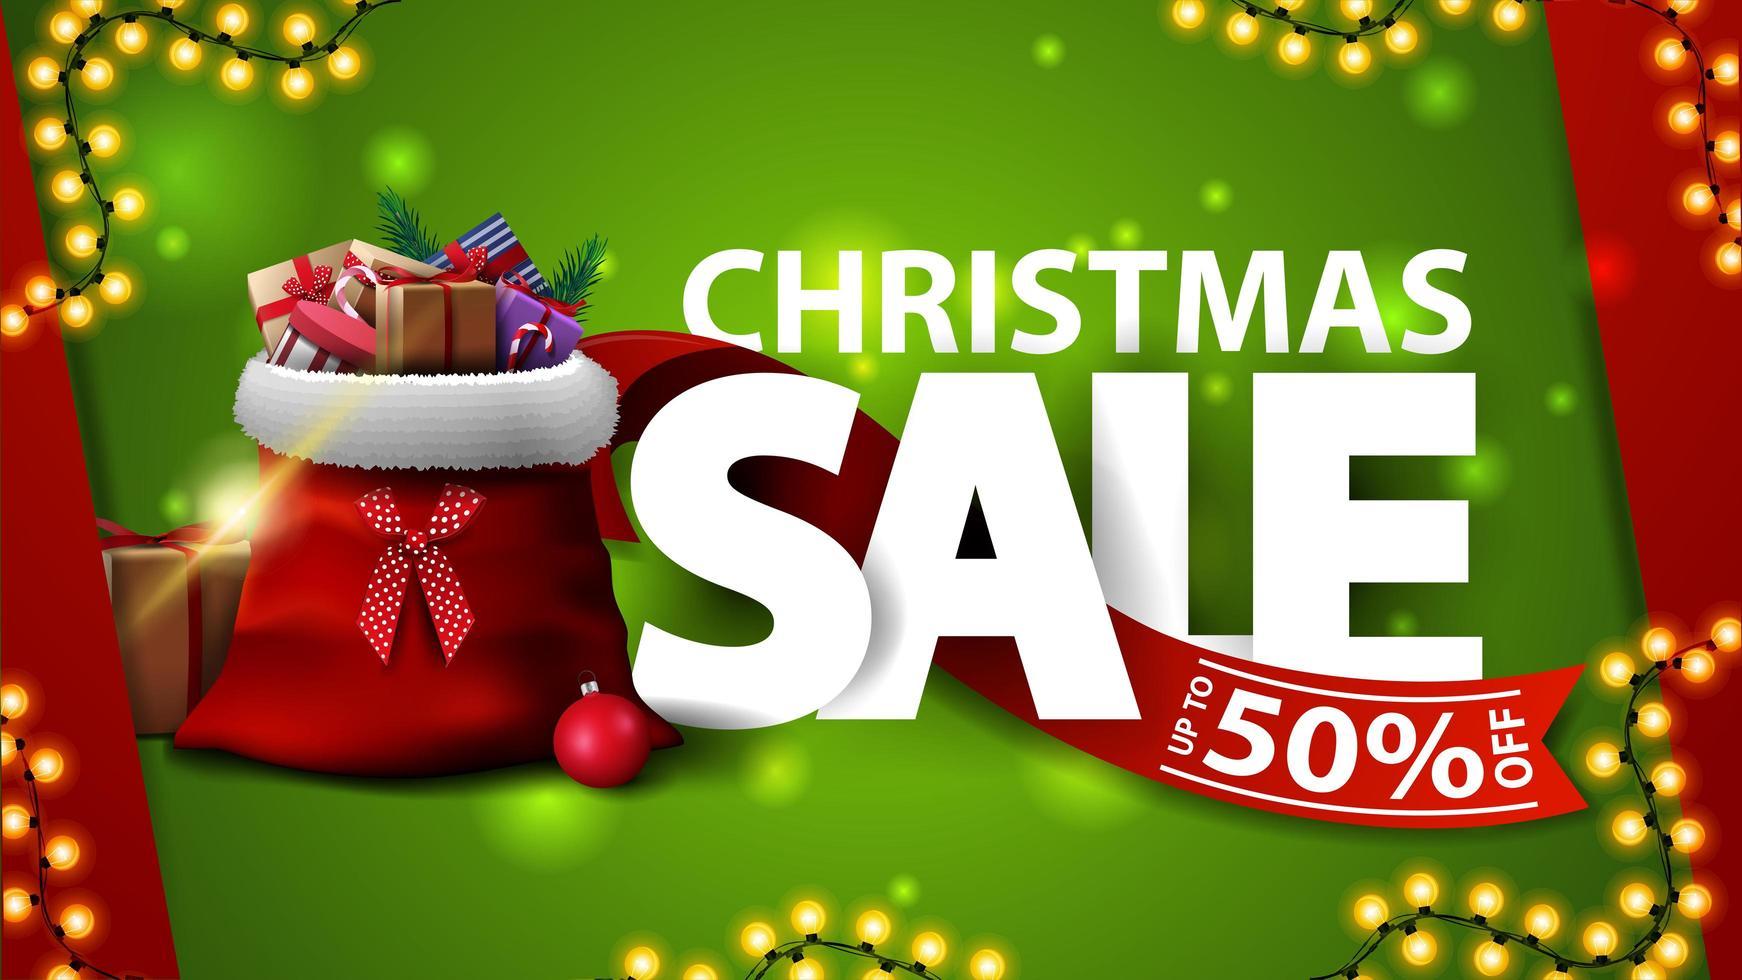 venta de navidad, hasta 50 de descuento, banner de descuento verde con letras grandes, guirnalda, cinta roja y bolsa de santa claus con regalos vector